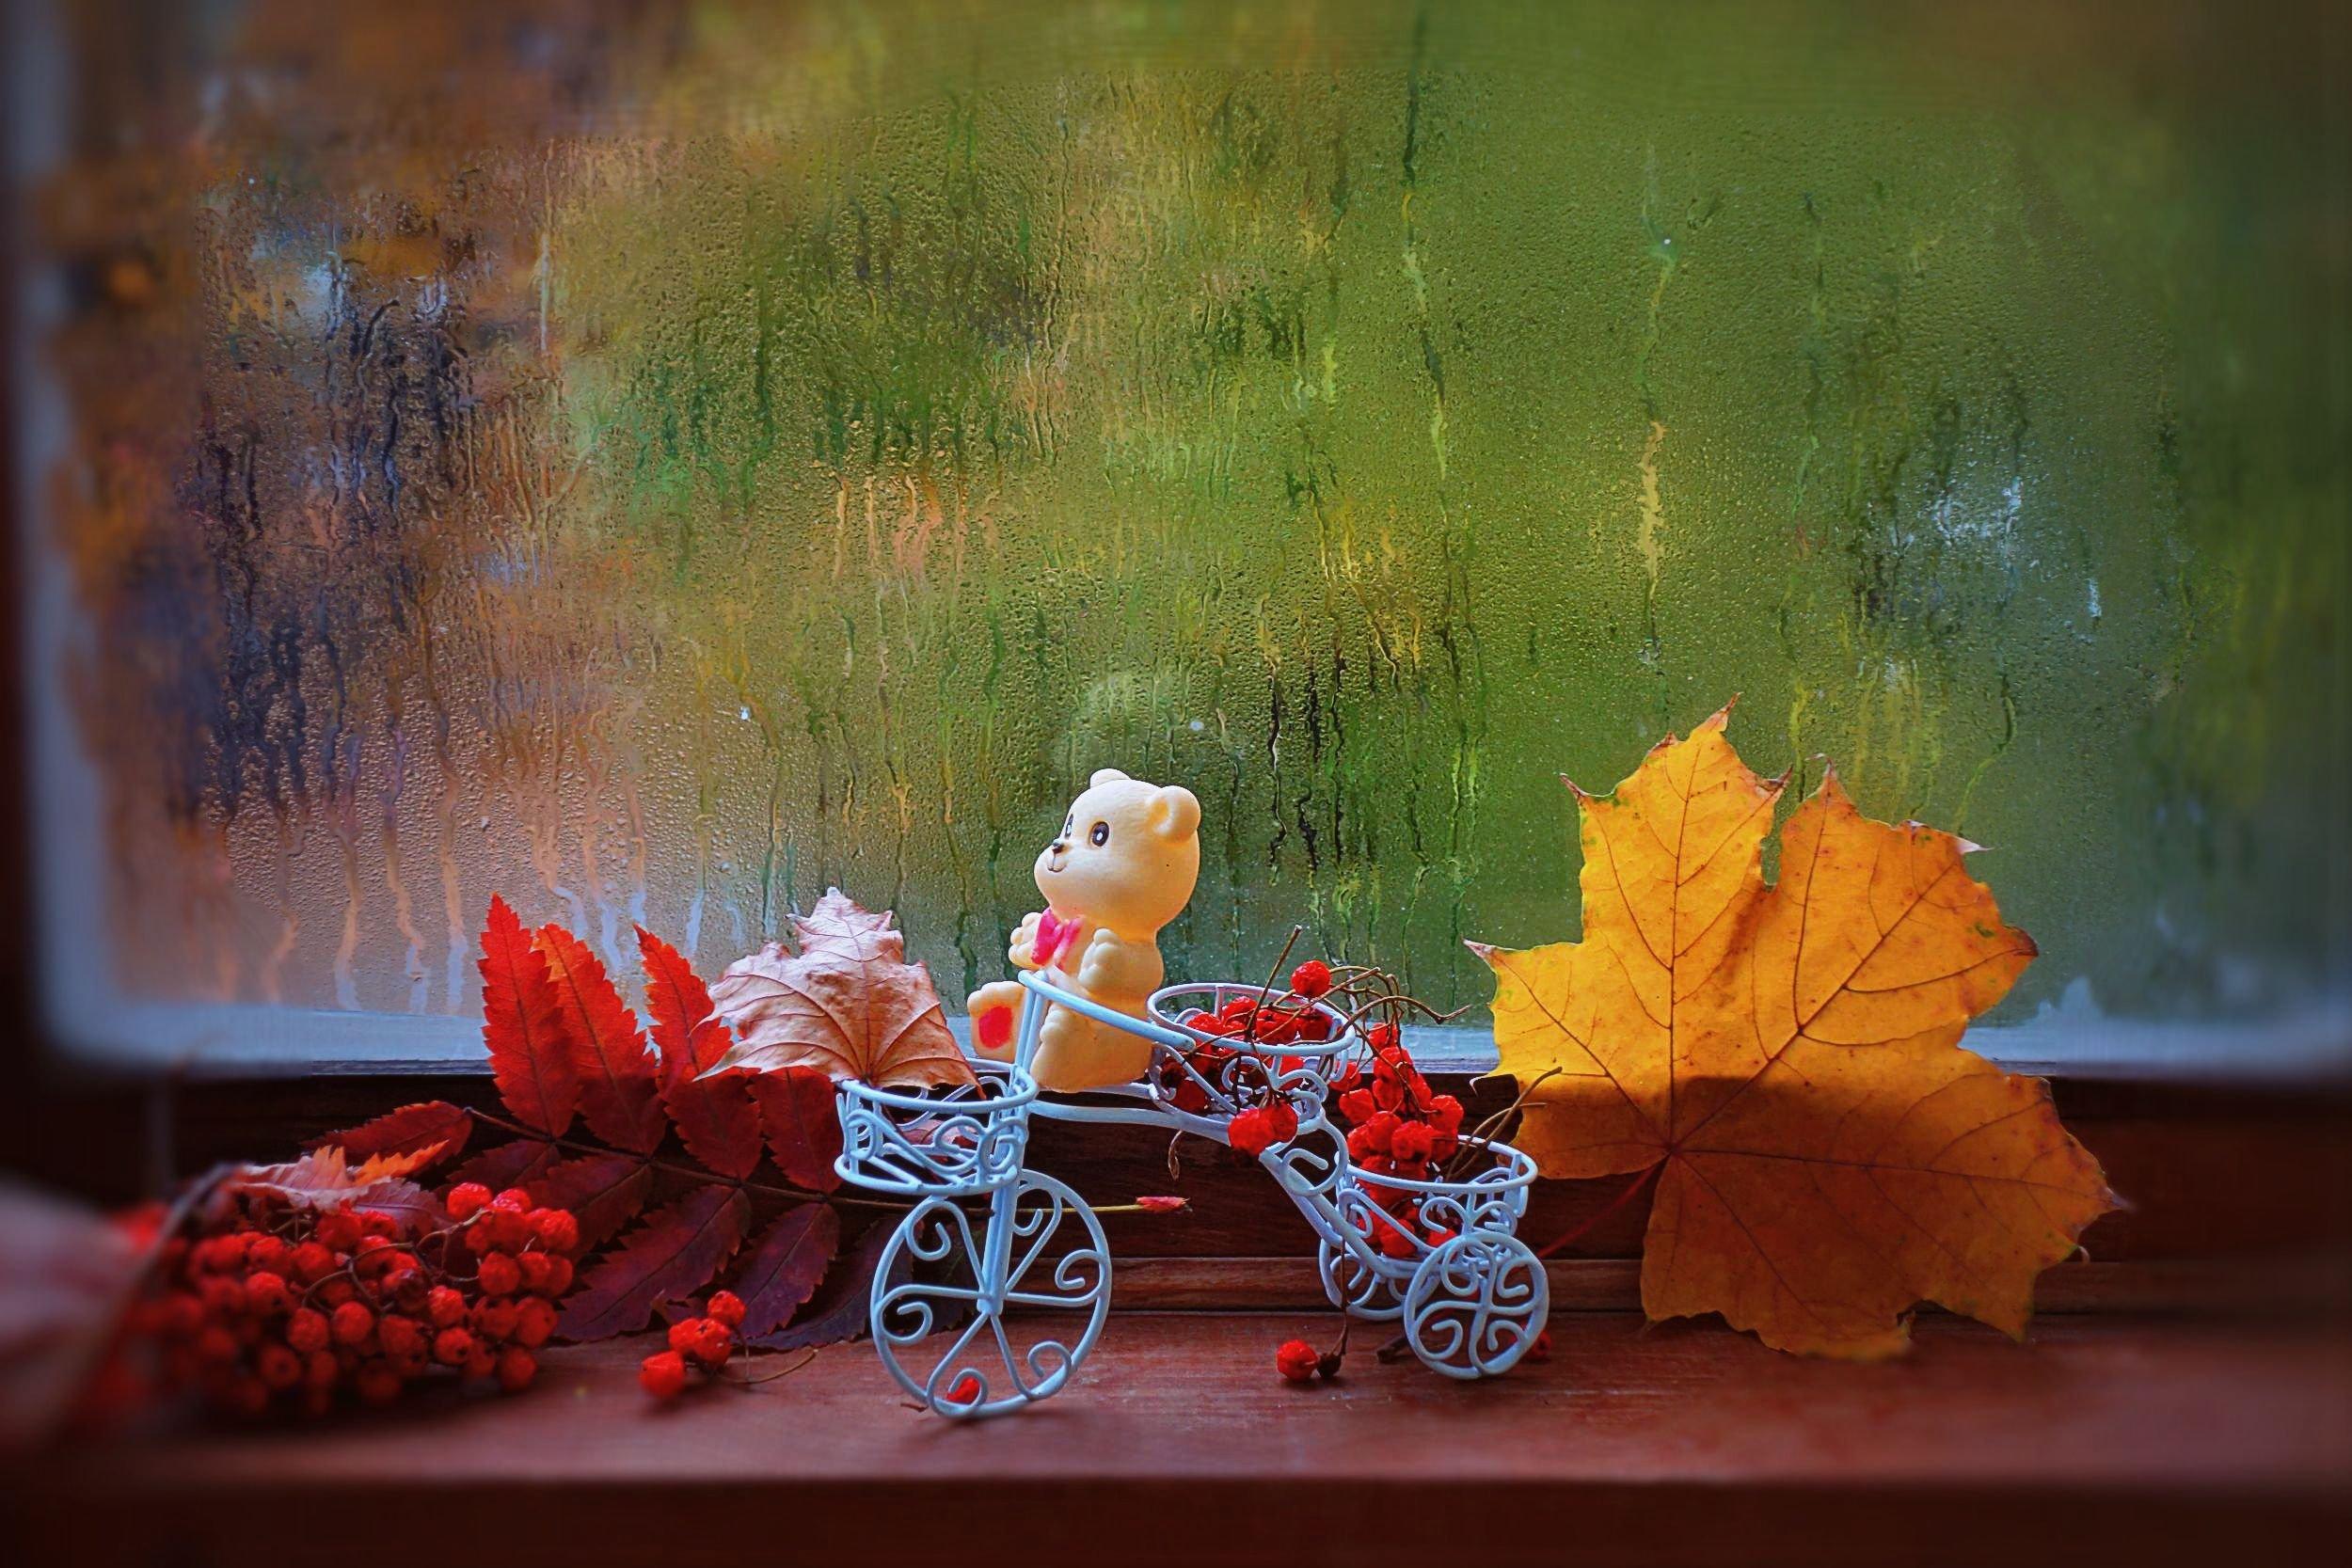 картинки фото с добрым утром с дождливая осень чарушина отличаются свежестью